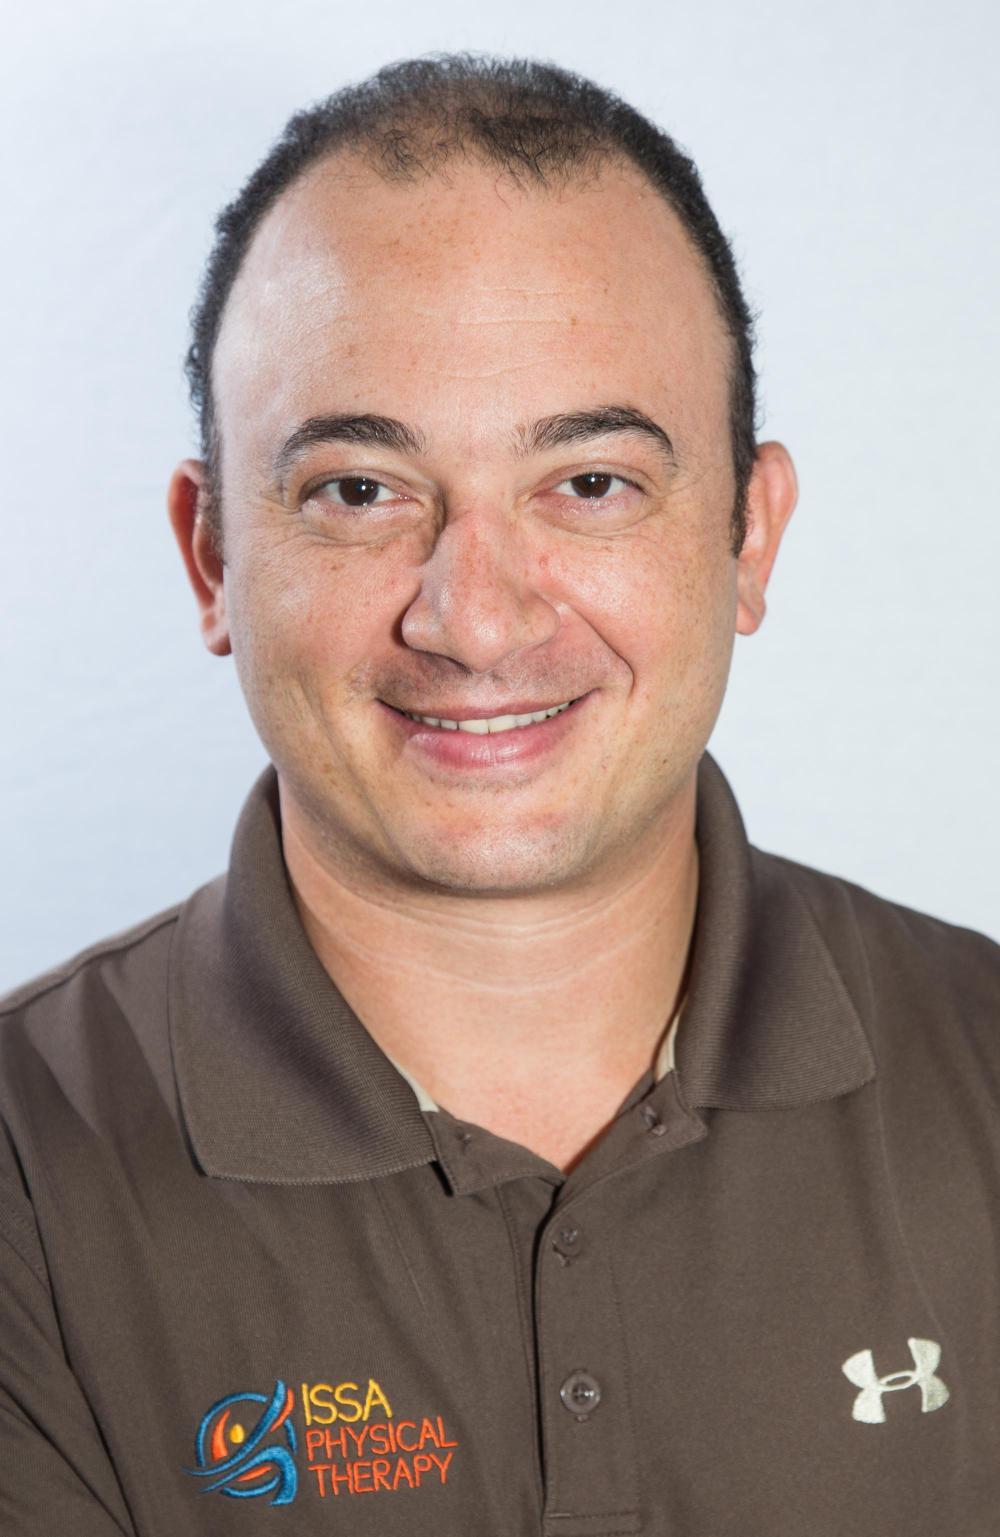 Tamer S. Issa